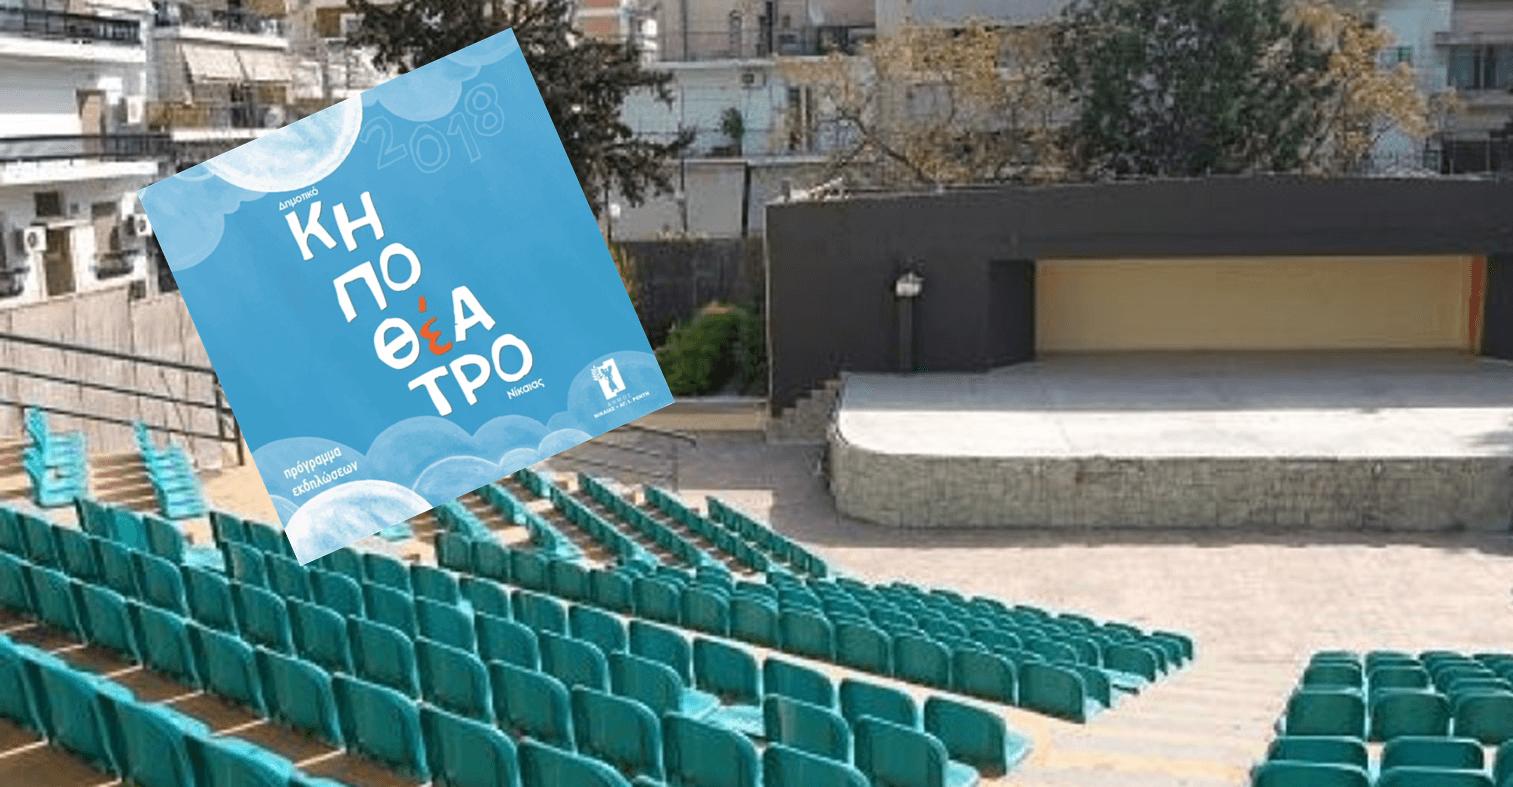 13ο Διαδημοτικό Φεστιβάλ Ερασιτεχνικού Θεάτρου Δήμων Αττικής στη δημοτική ενότητα Νίκαιας